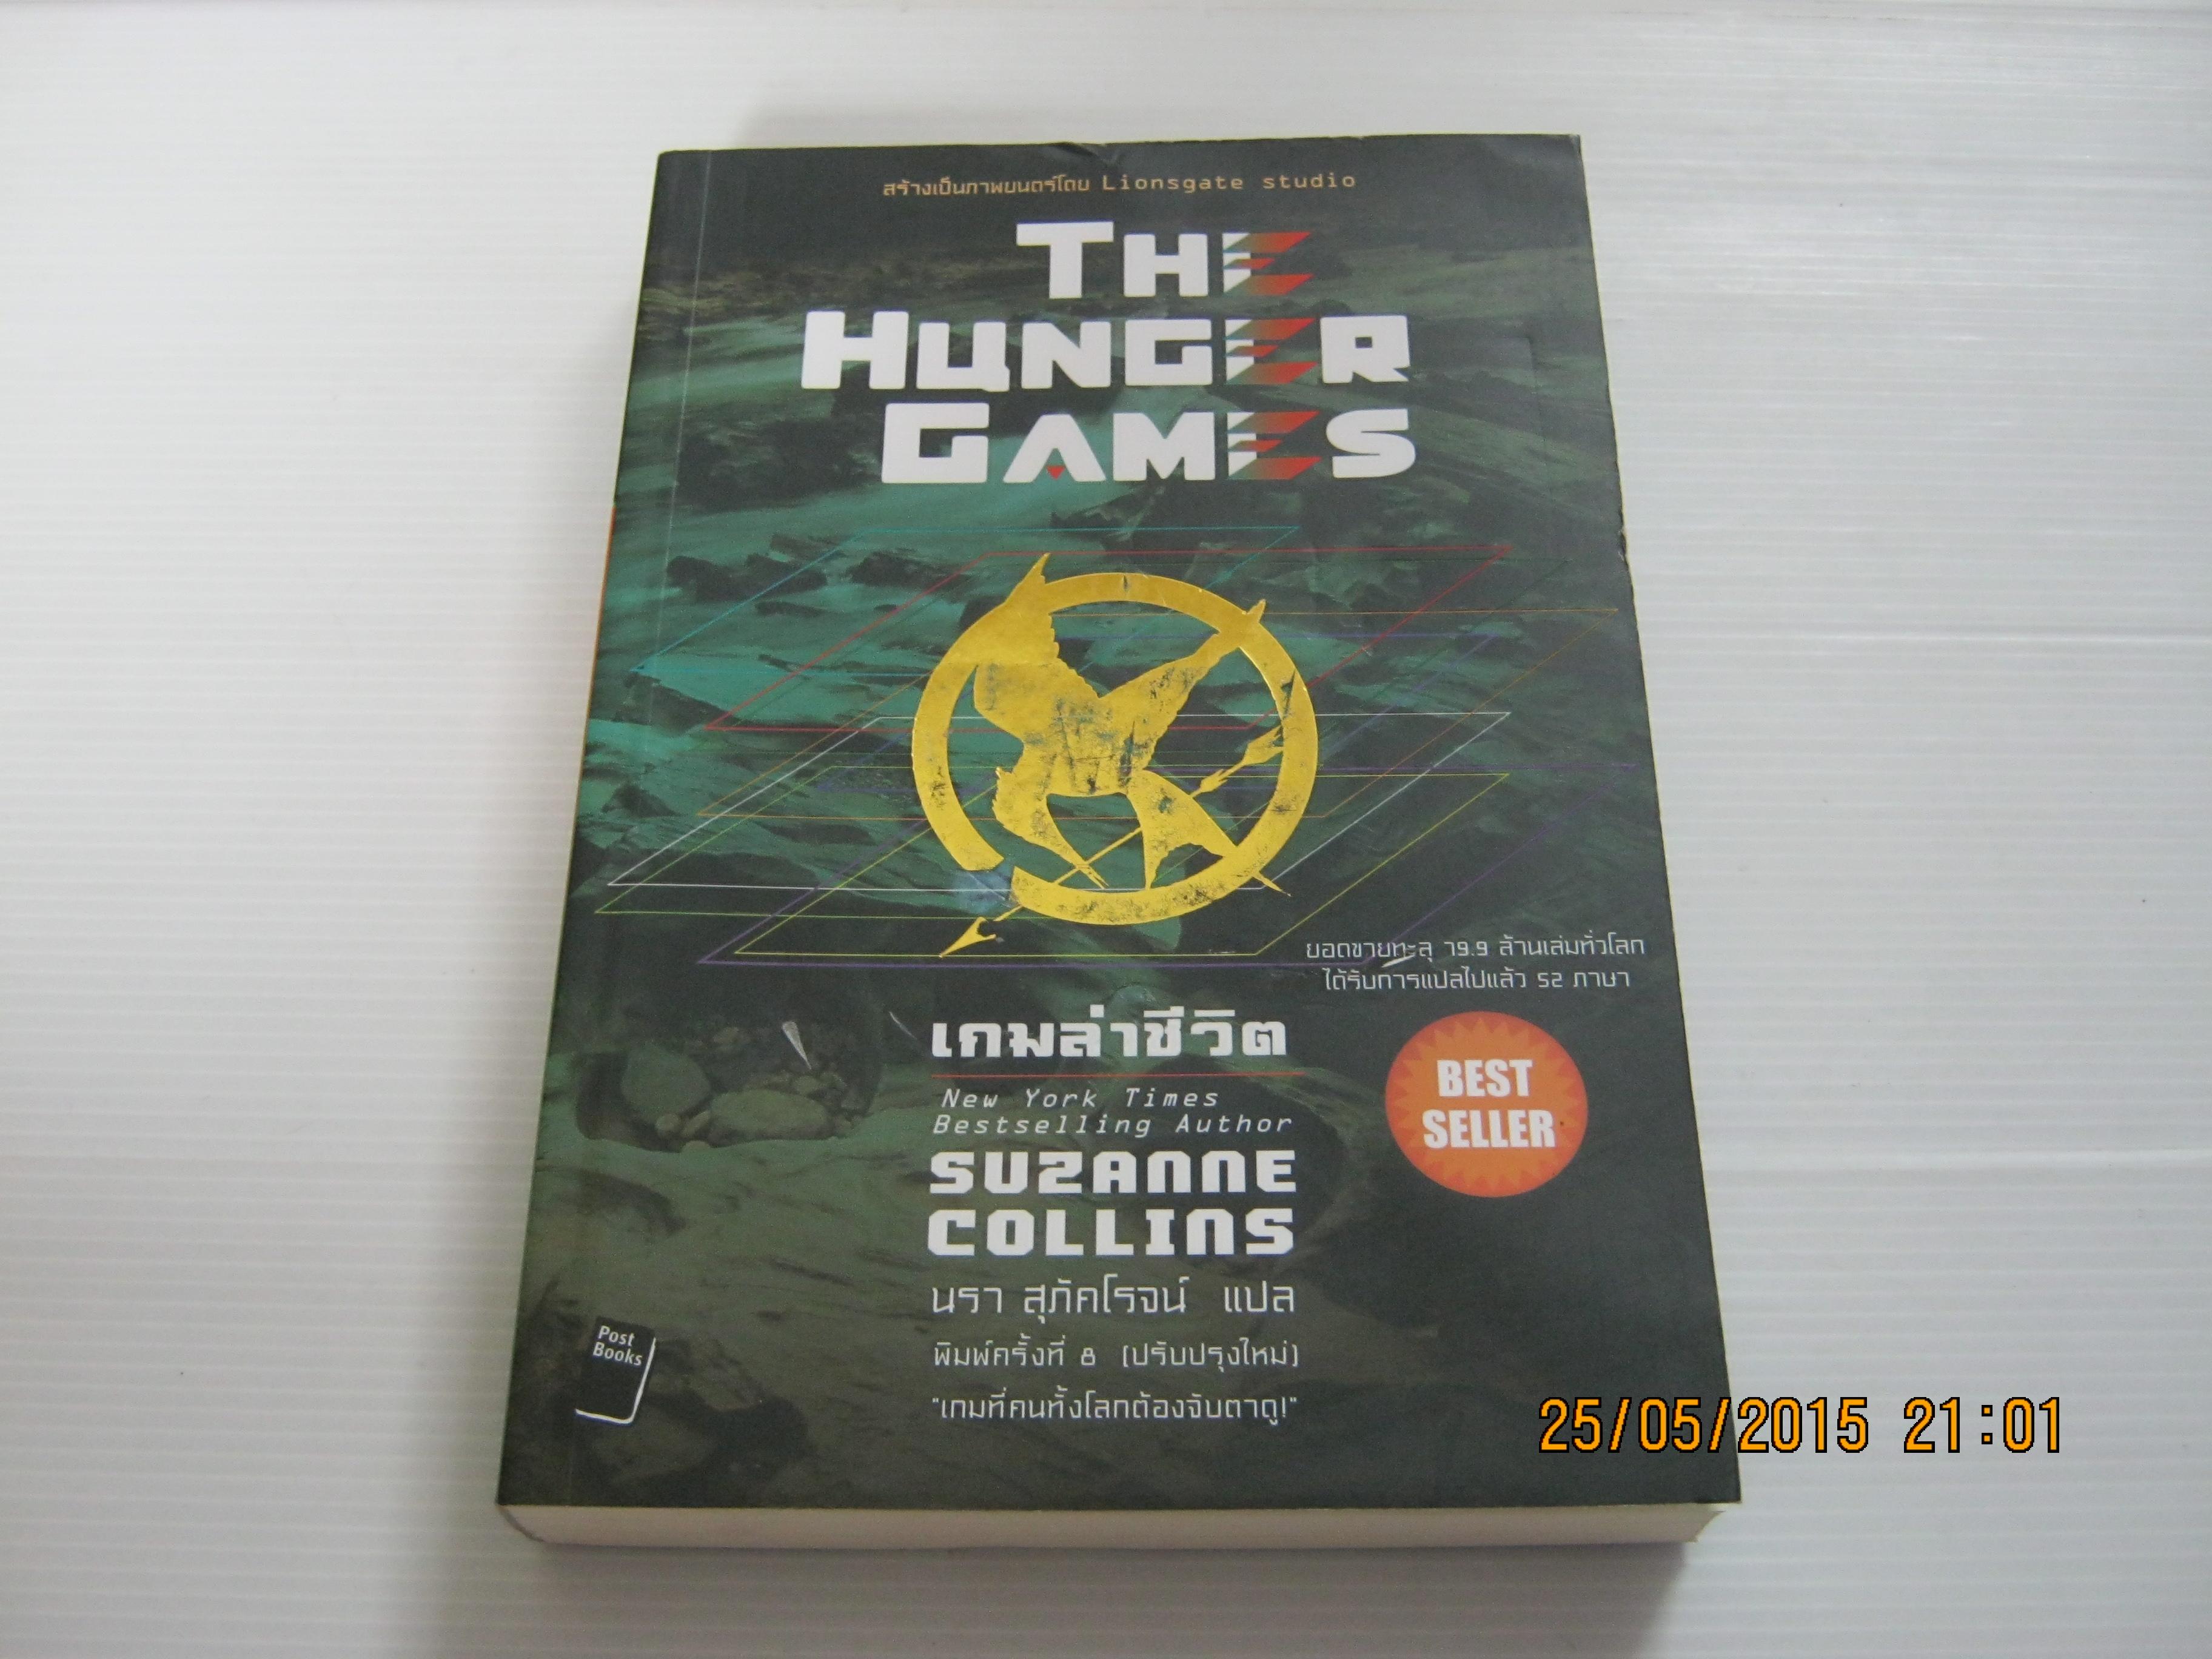 เกมล่าชีวิต (The Hunger games) พิมพ์ครั้งที่ 2 Suzanne Collins เขียน นรา สุภัคโรจน์ แปล